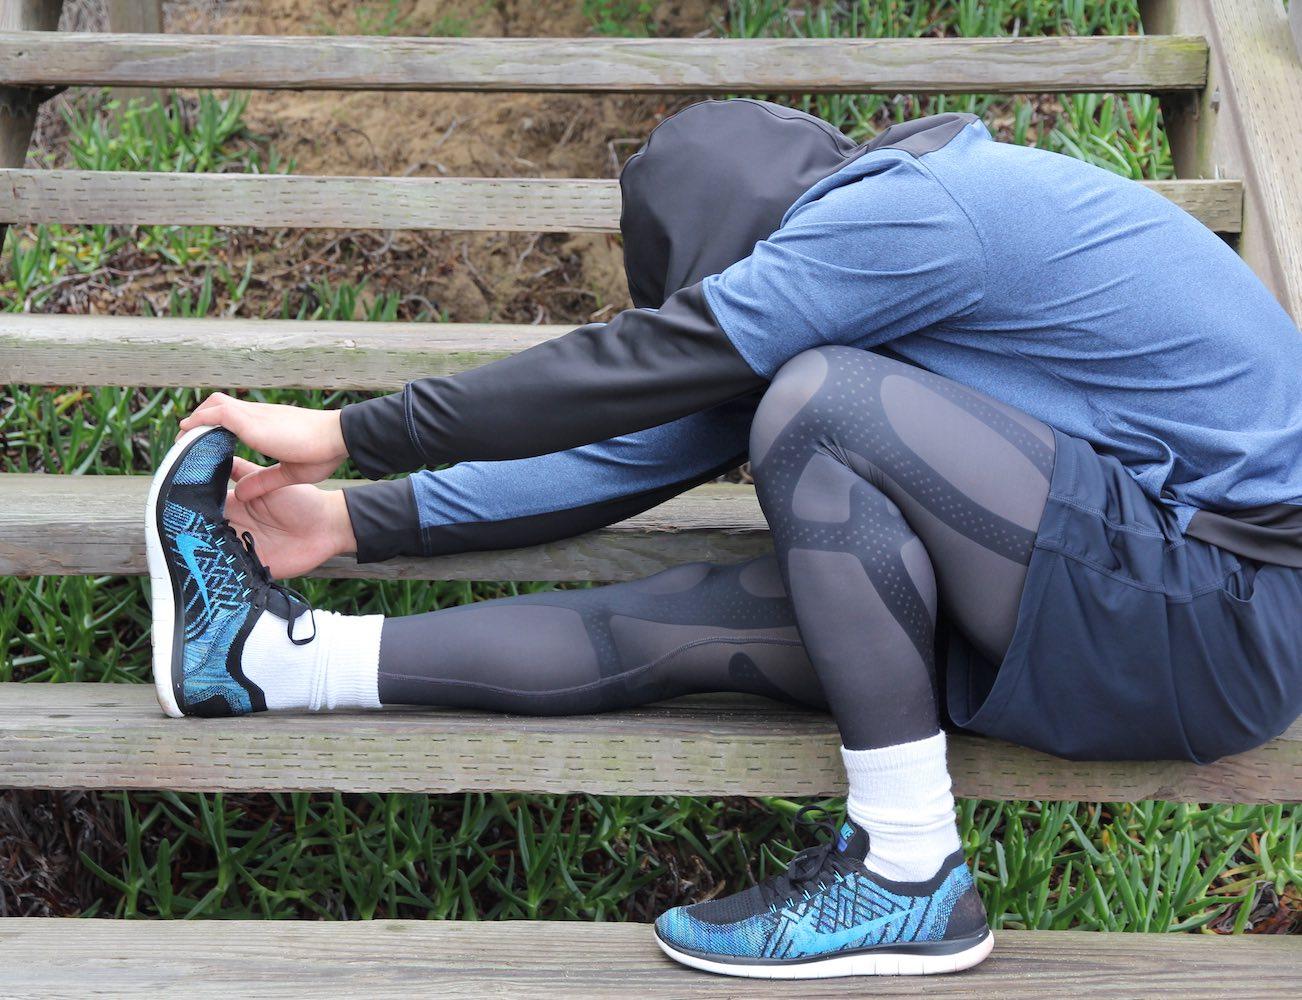 unisex-knee-sleeves-09